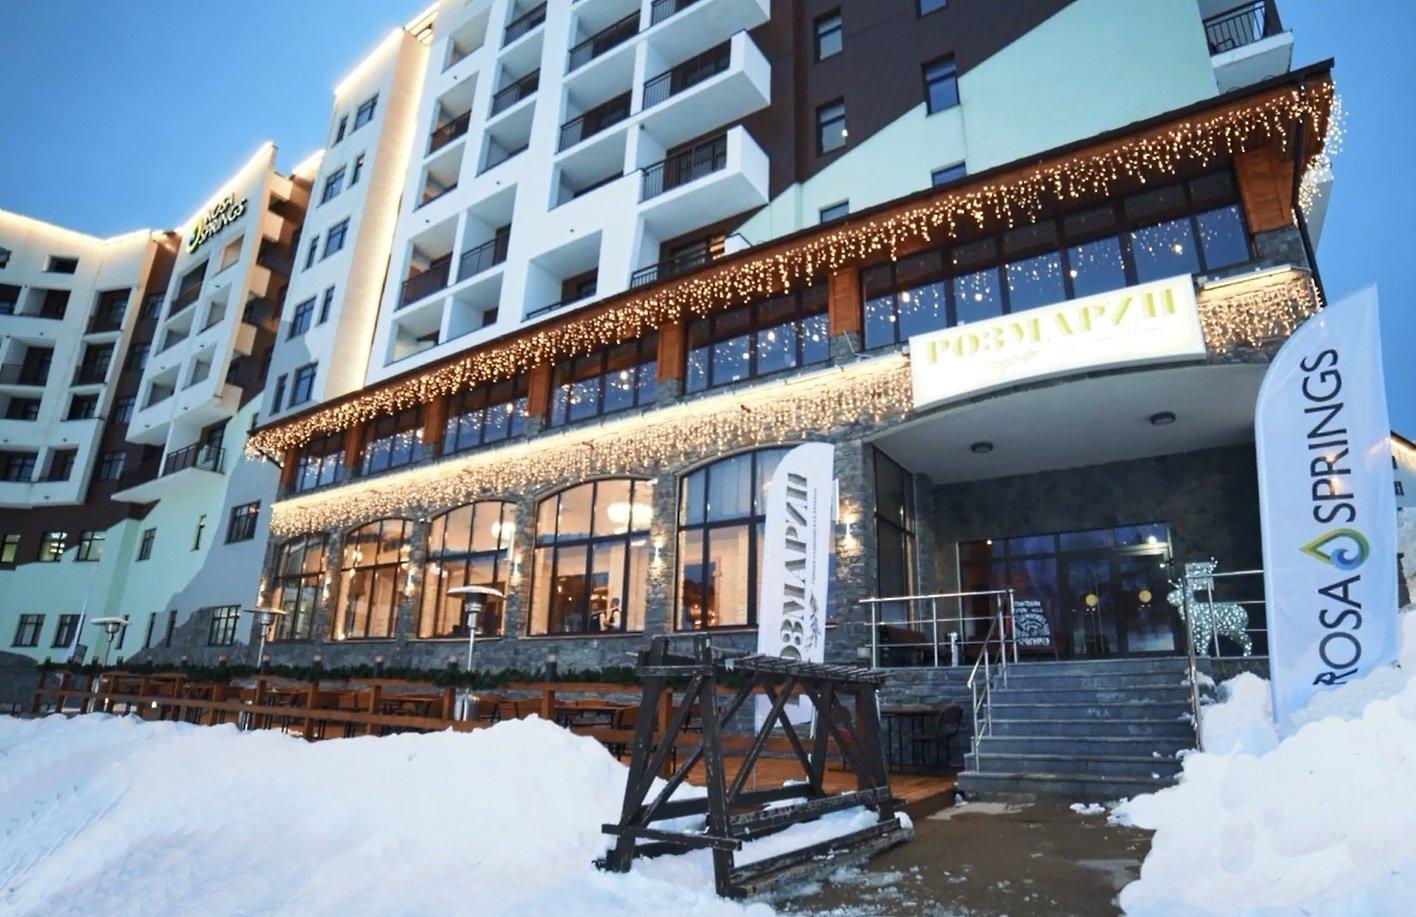 фотография Ресторана Розмарин на горнолыжном курорте Роза Хутор